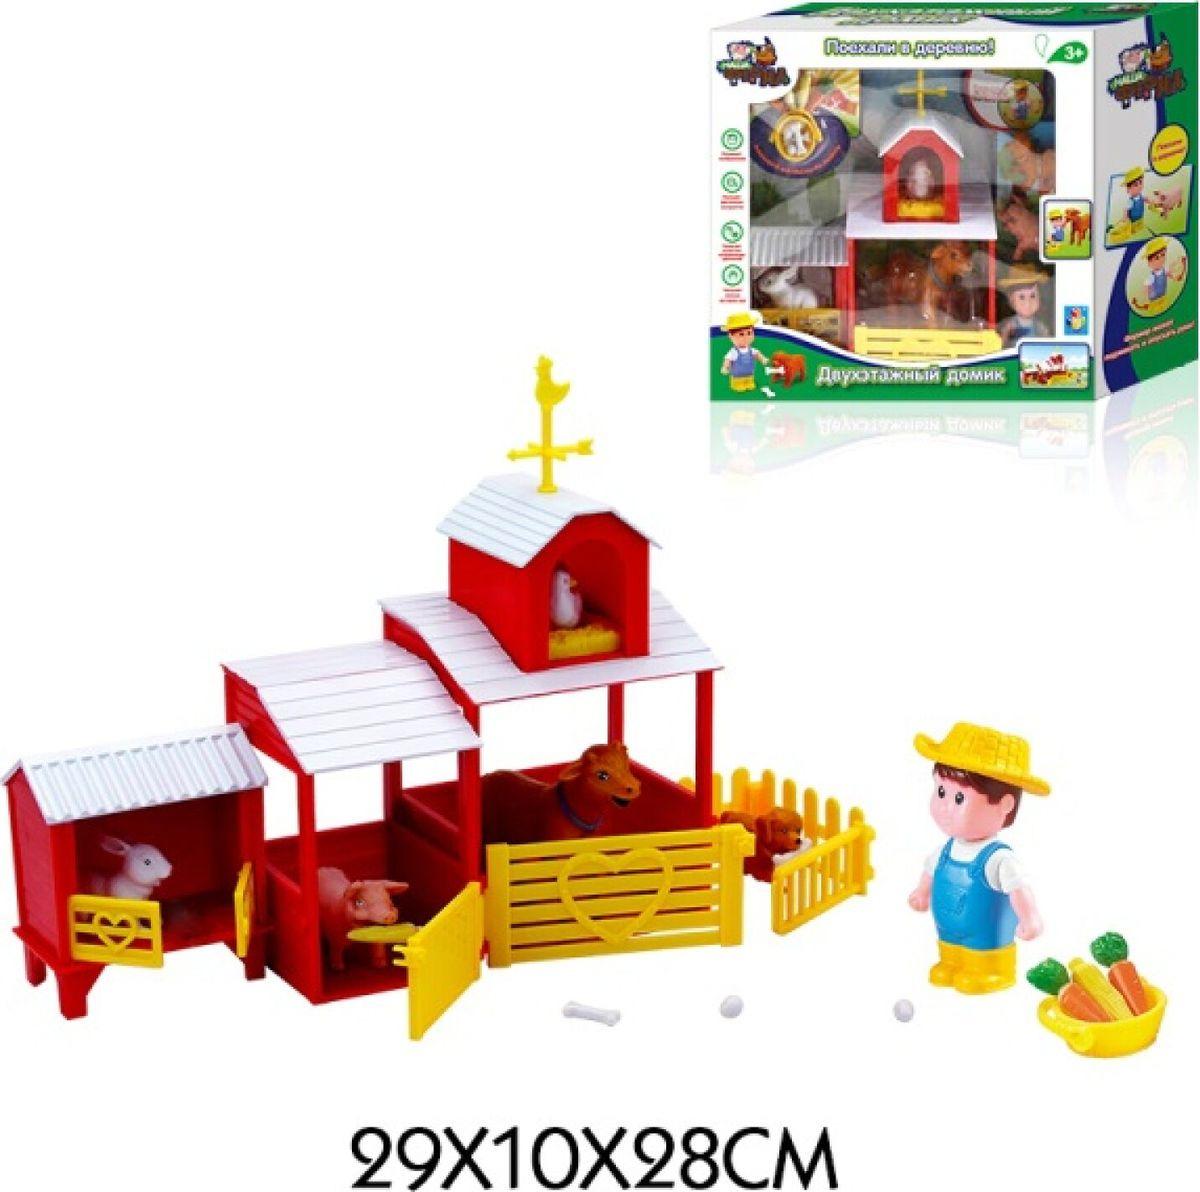 Игровой набор 1TOY Ферма Двухэтажный домик, фермер, зверюшки, Т11046 цена